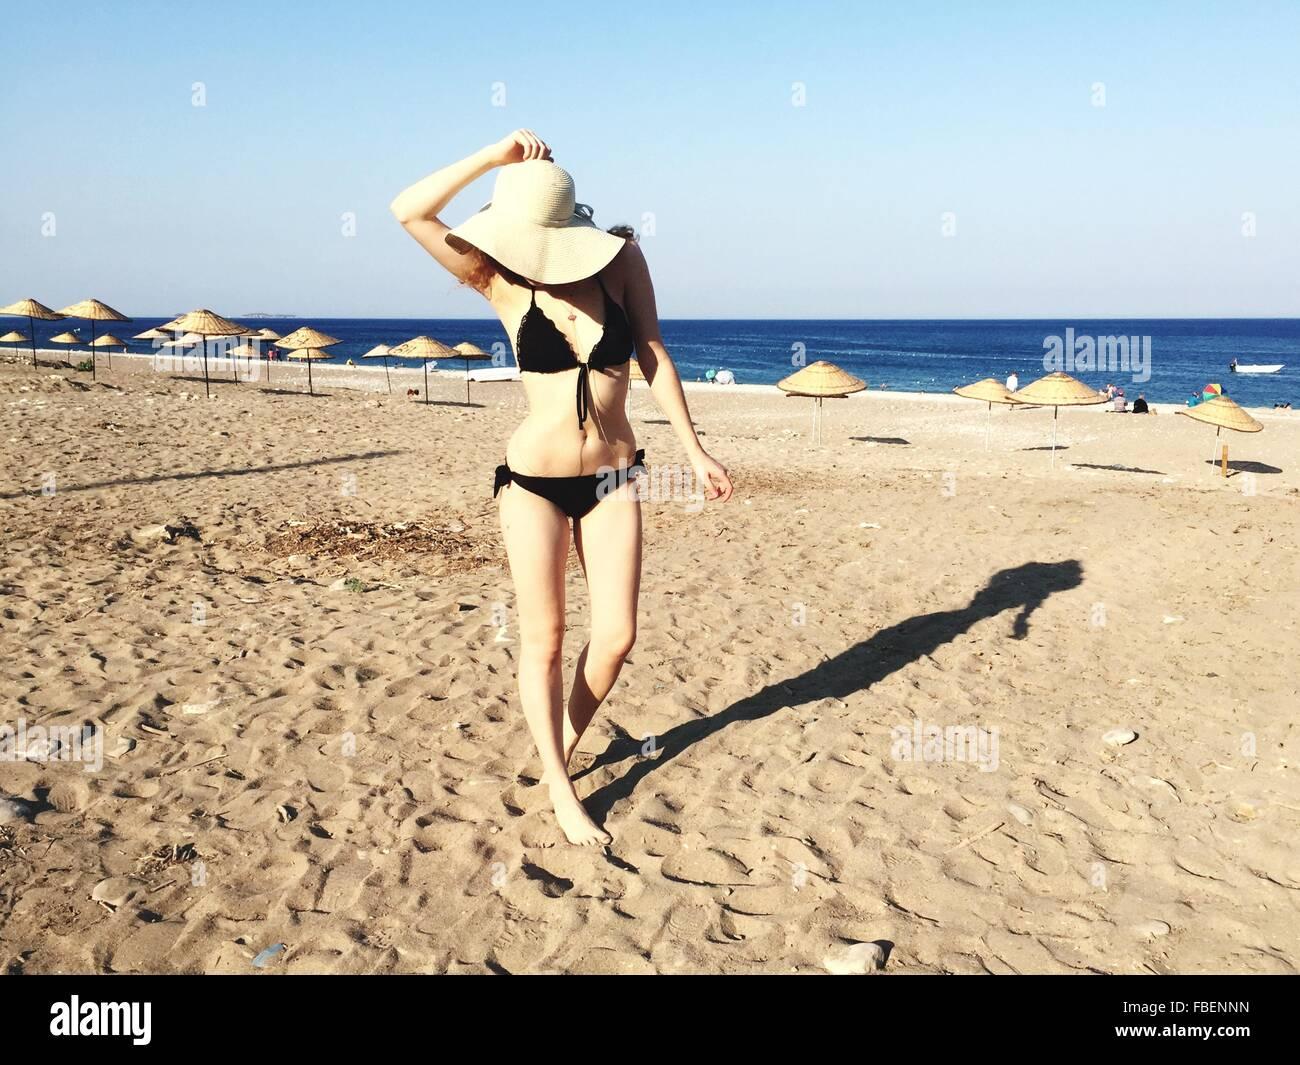 Toute la longueur de Belle Femme en bikini sur la plage en journée ensoleillée Photo Stock